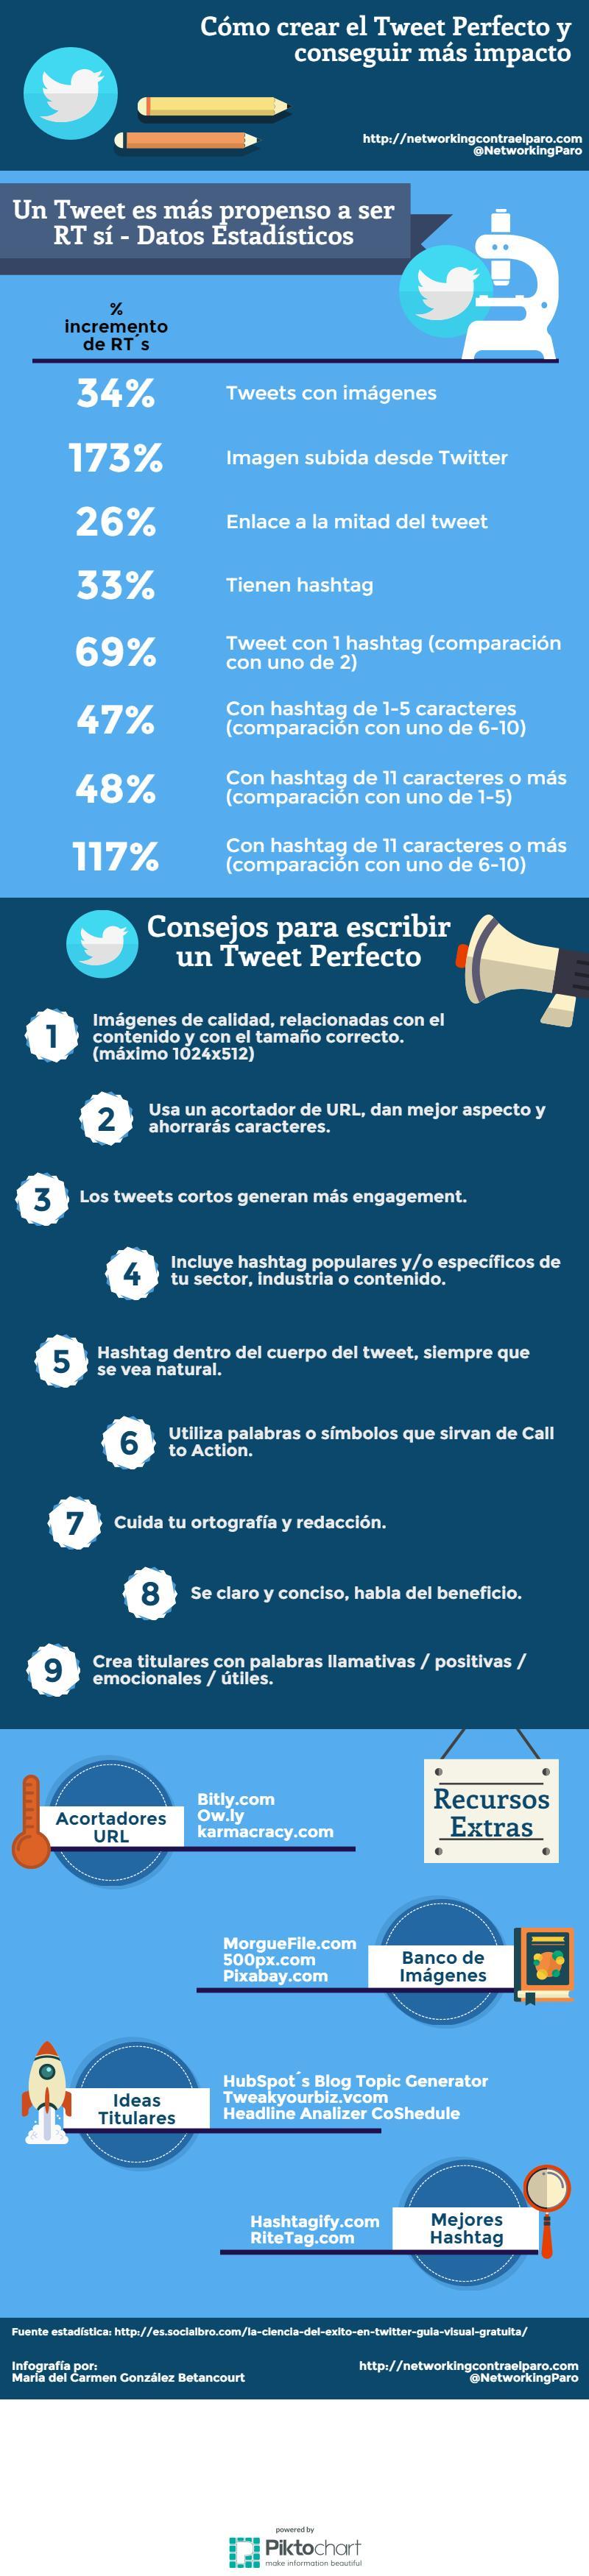 ¿Sabes cómo crear un tweet perfecto? (infografía)